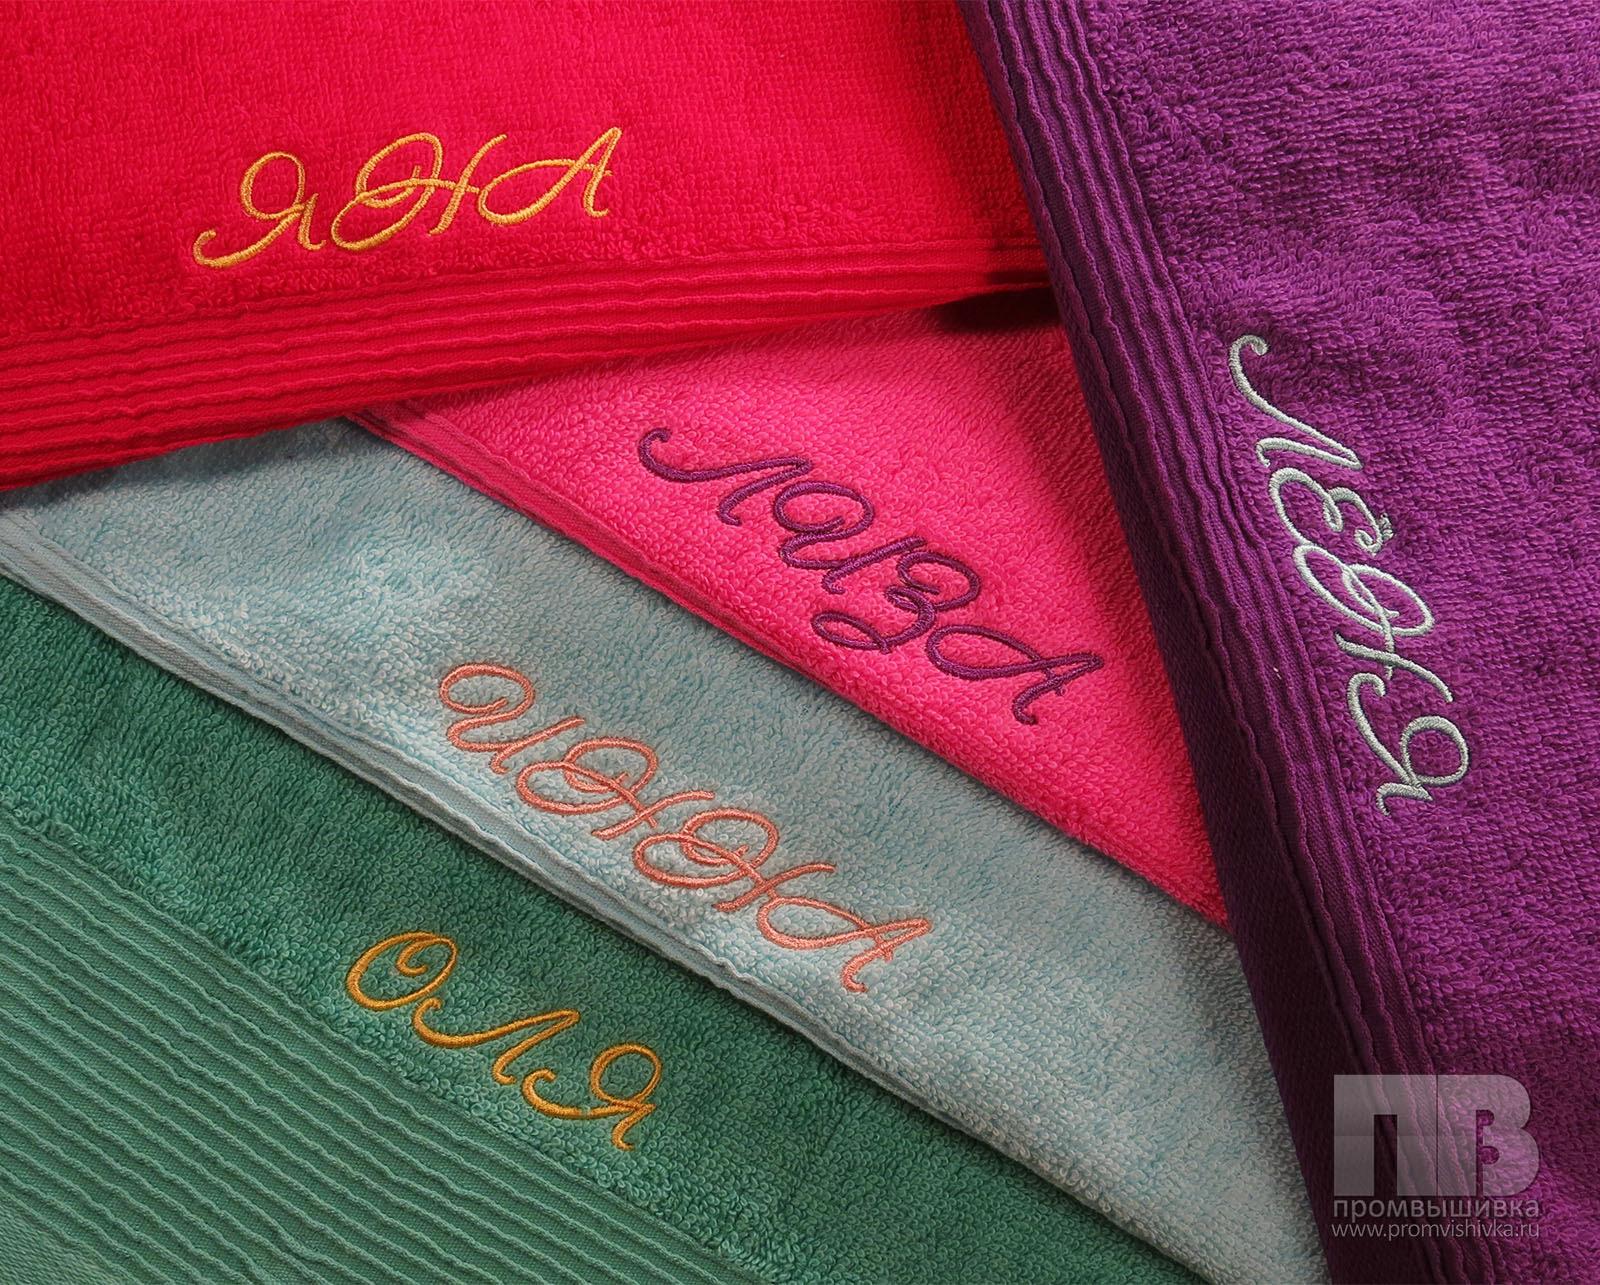 Вышивка на полотенцах в новосибирске